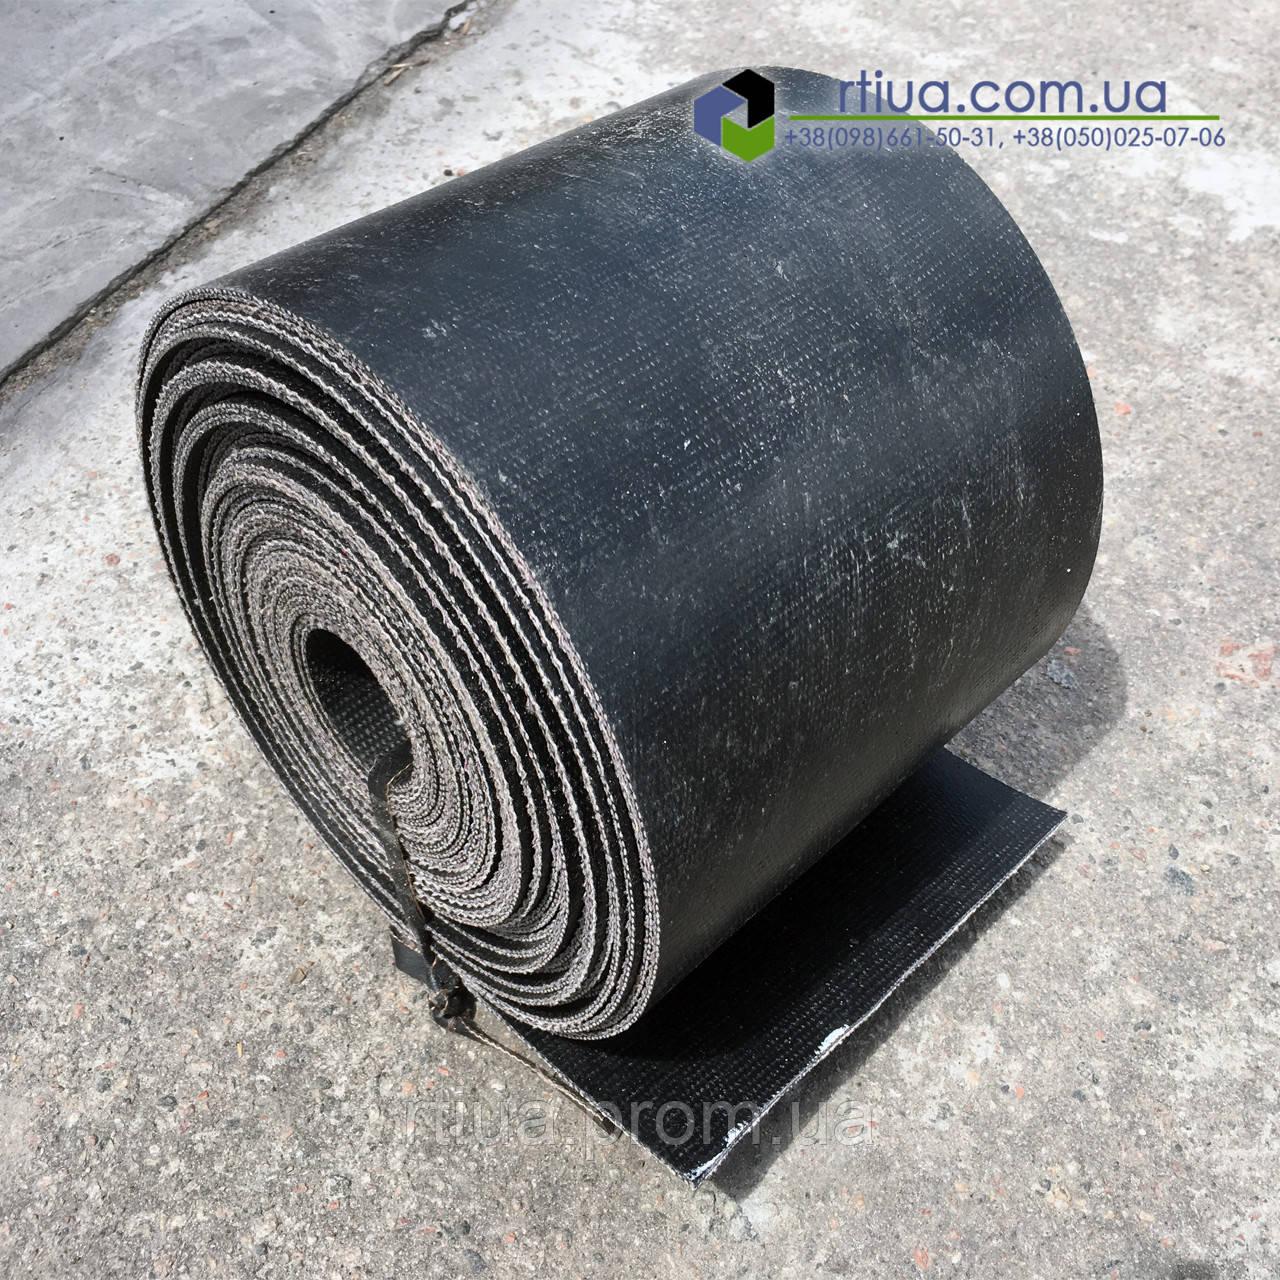 Транспортерная лента БКНЛ, 150х5 мм